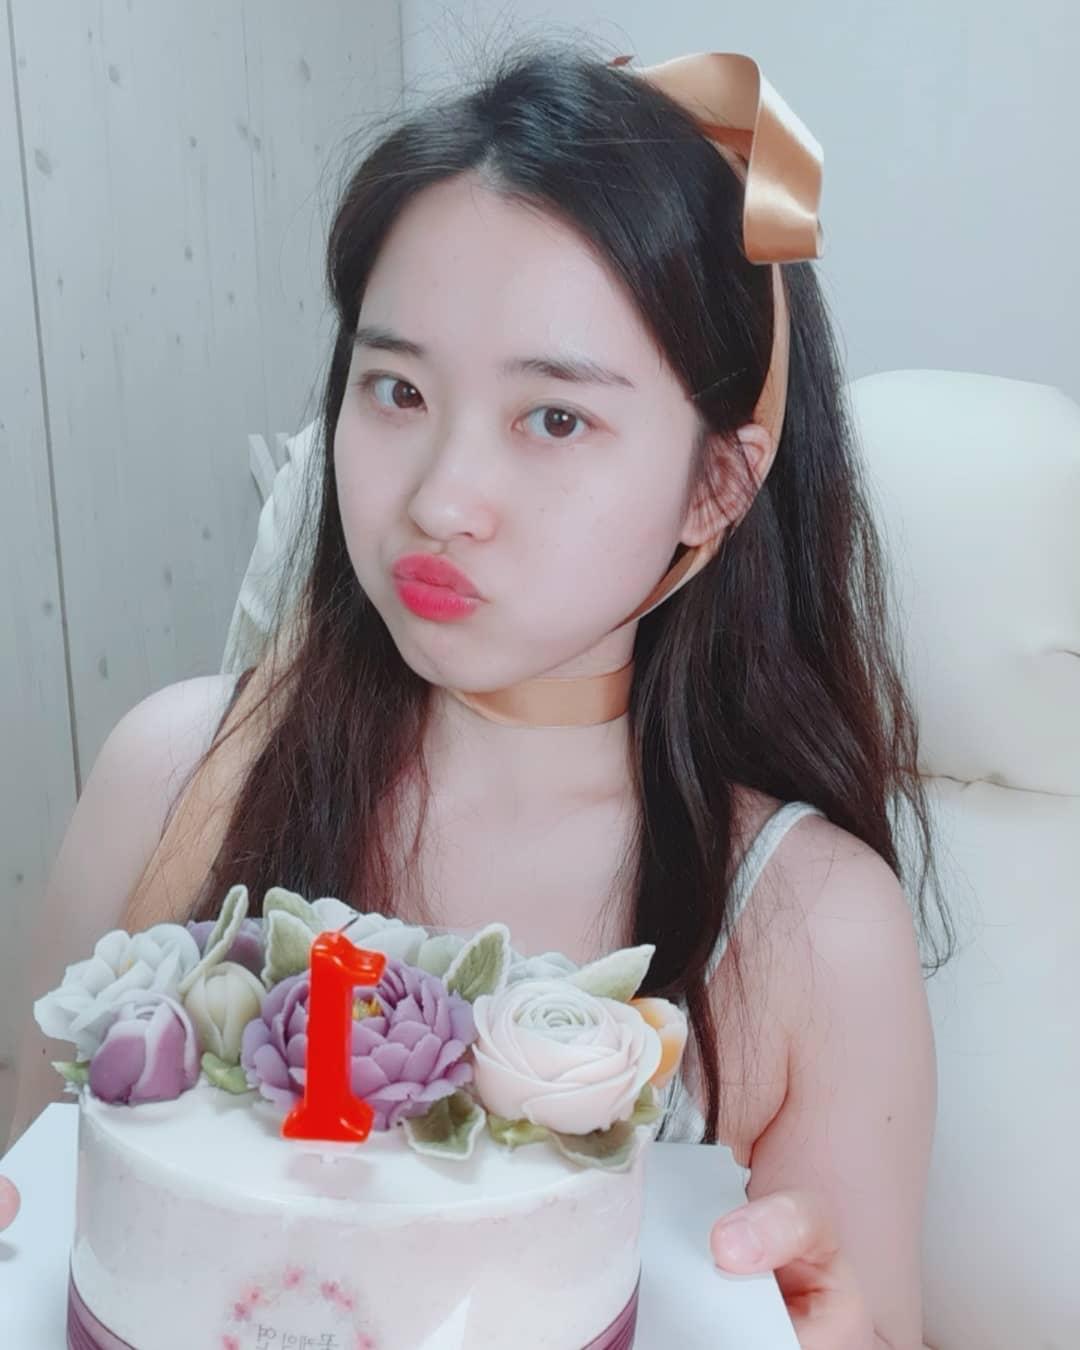 韓國實況主甜扮「兔女郎」!鏡頭前驚見「一條鴻溝」 網直呼:要被ban了